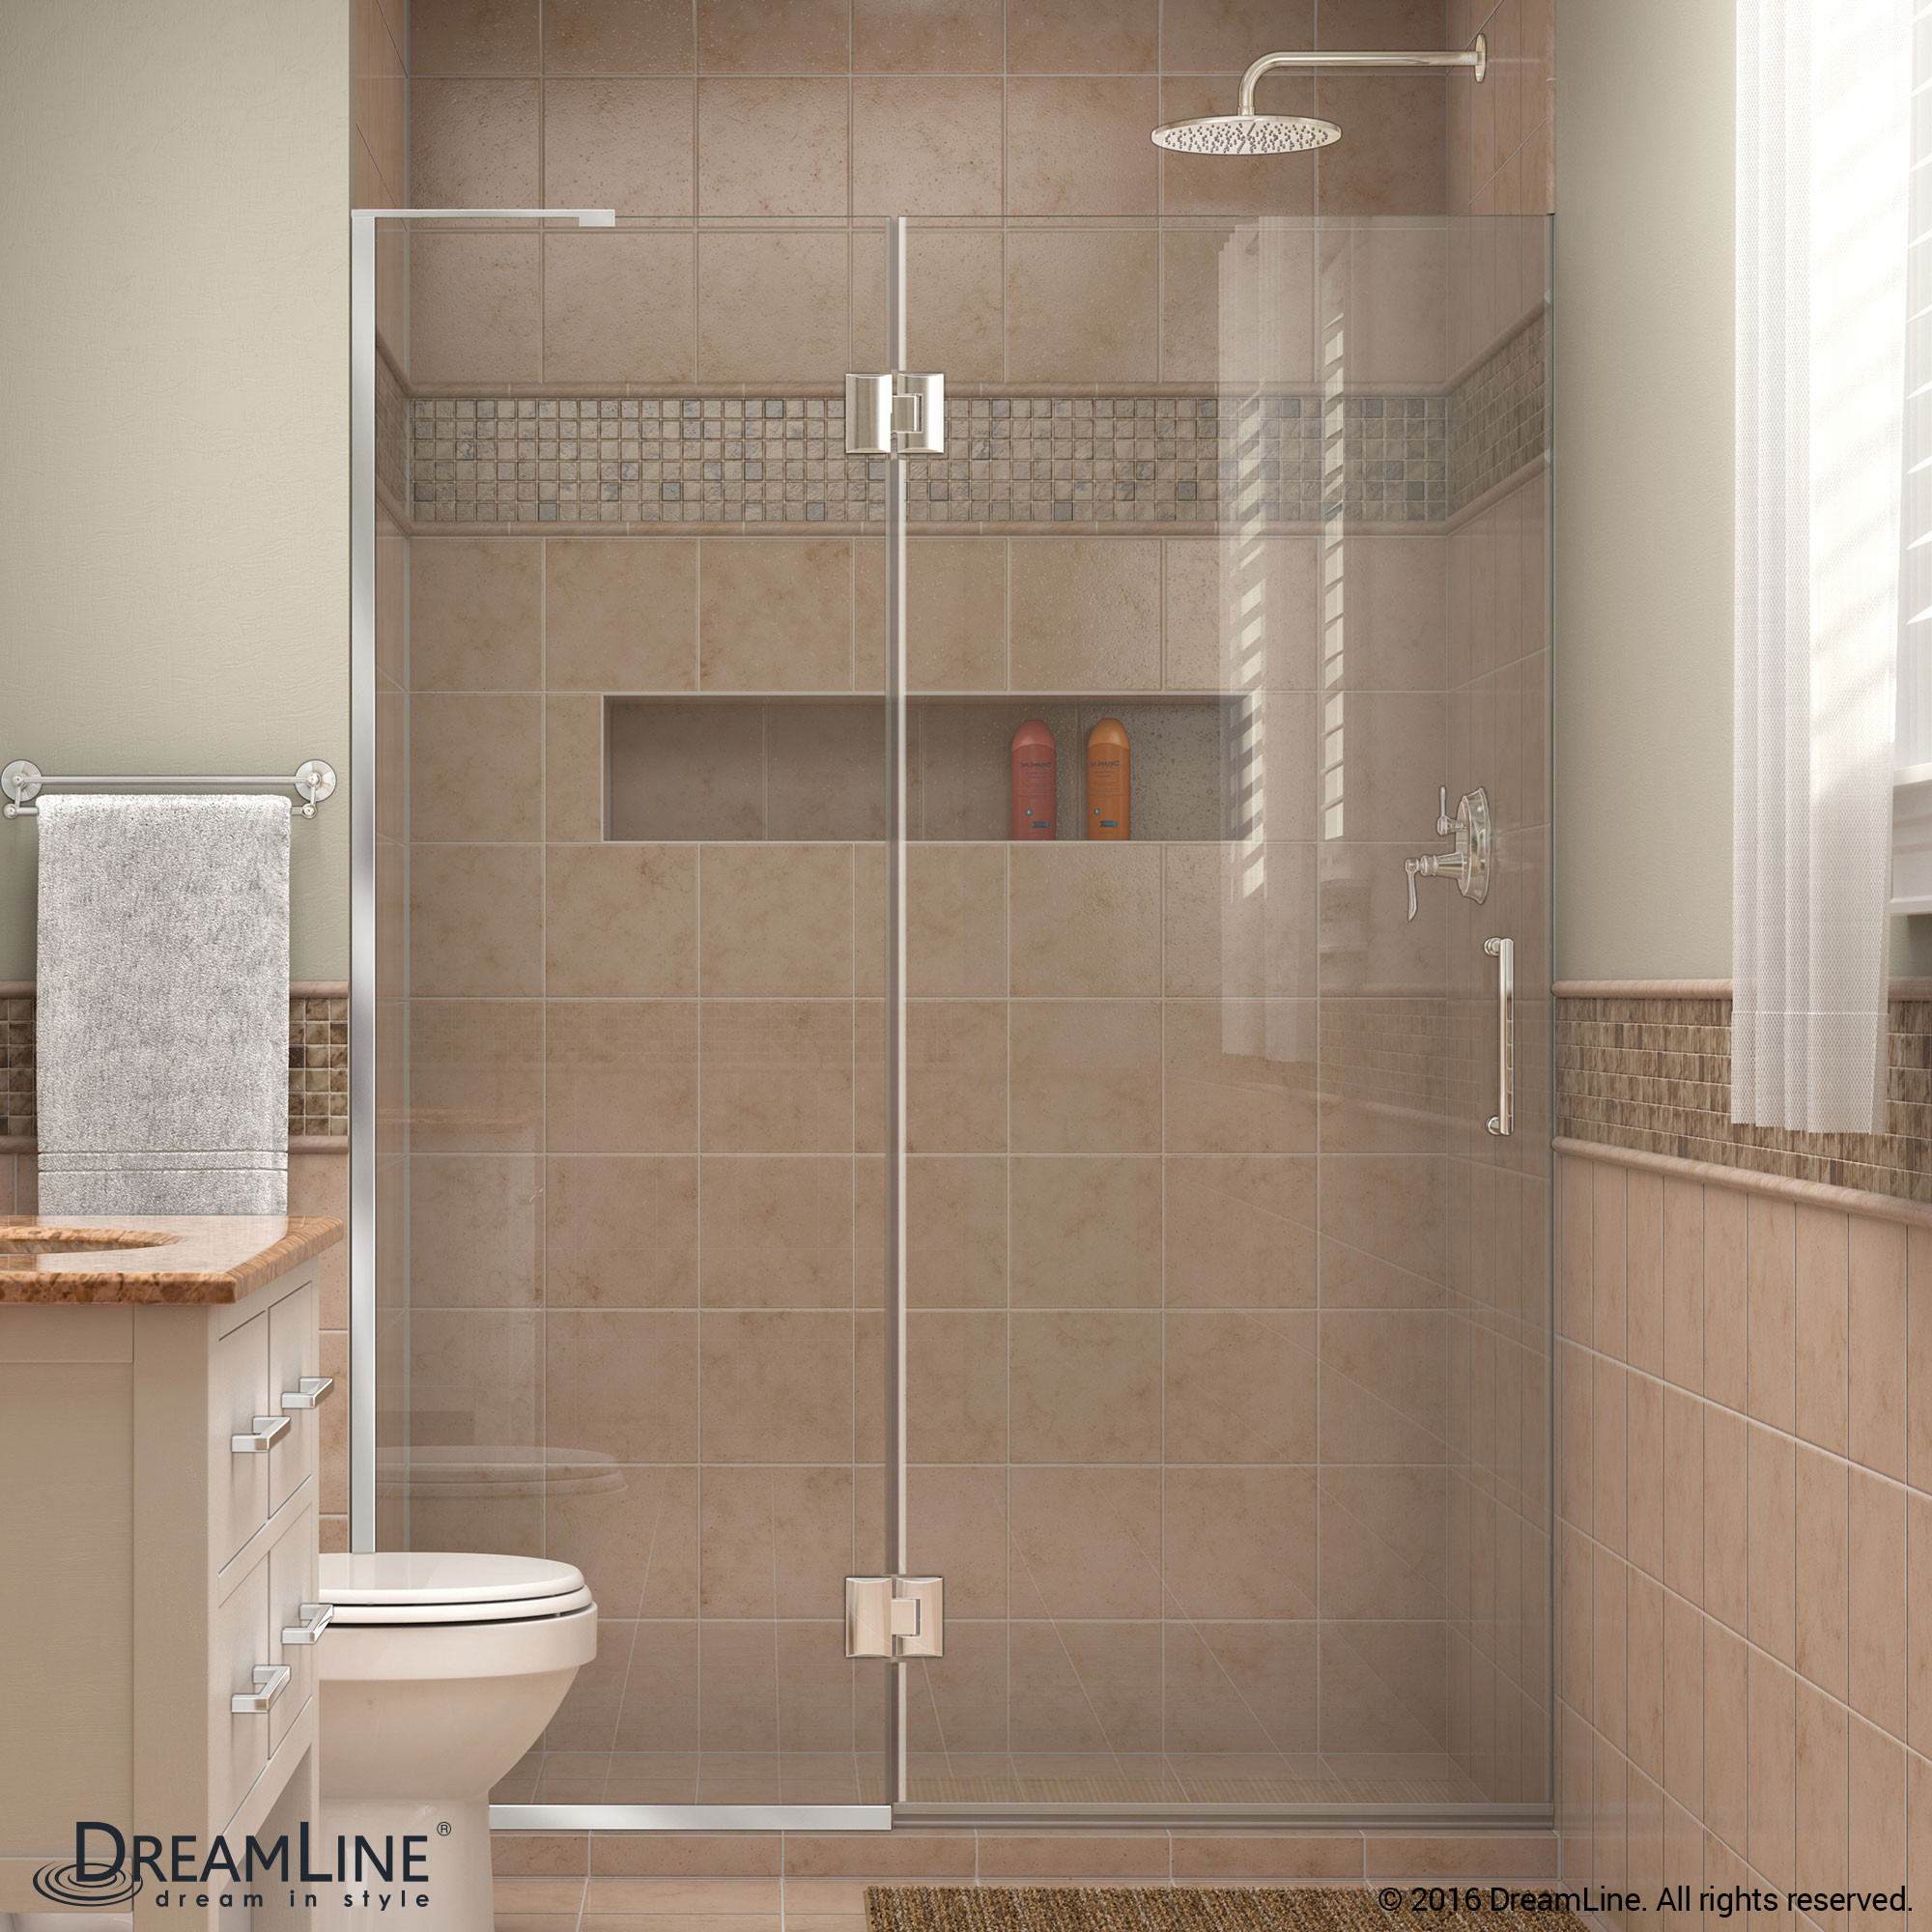 DreamLine D32972L-01 Chrome Unidoor-X Hinged Shower Door With Left-wall Bracket